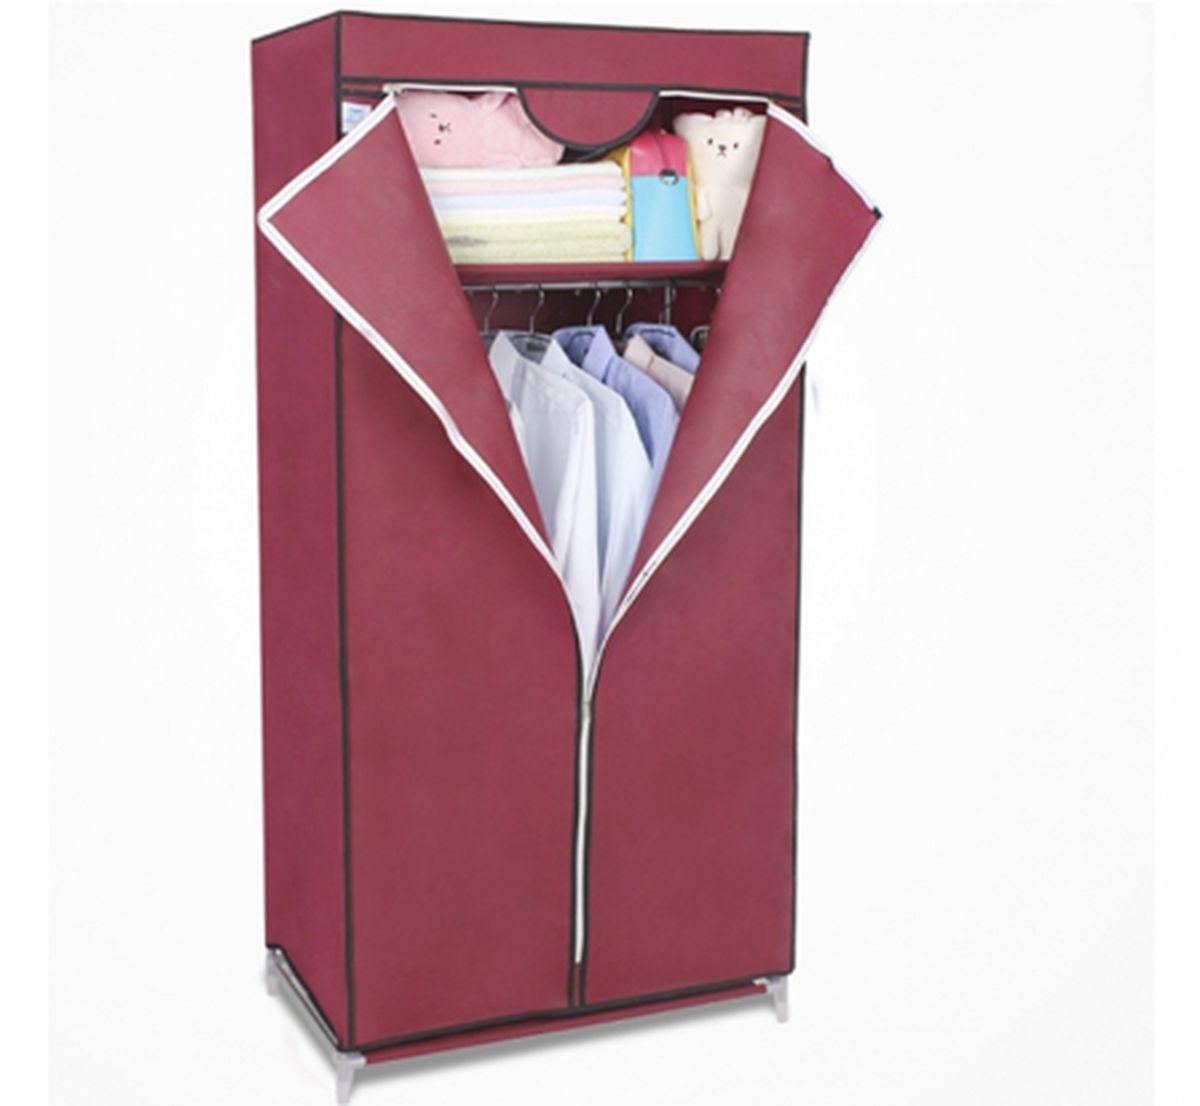 Шкаф Homsu Кармэн, цвет: бордовый, 68 x 45 x 155 см98299571Шкаф Homsu Кармэн выполнен из текстиля. Сборная конструкция такого шкафа состоит из металлических деталей каркаса, обтянутых сверху прочной и легкой тканью. Этот шкаф предназначен в создании полноценного порядка. Изделие имеет удобную полку для складывания одежды 65 х 45 см и перекладину той же ширины для подвешивания курток, пальто, рубашек, свитеров и других вещей. Кроме своей большой практичной пользы, данный мебельный предмет также сможет очень выгодно дополнить имеющийся интерьер в помещении. Верхняя тканевая обивка, при этом, всегда может быть легко и быстро снята, если ее необходимо будет постирать или заменить.